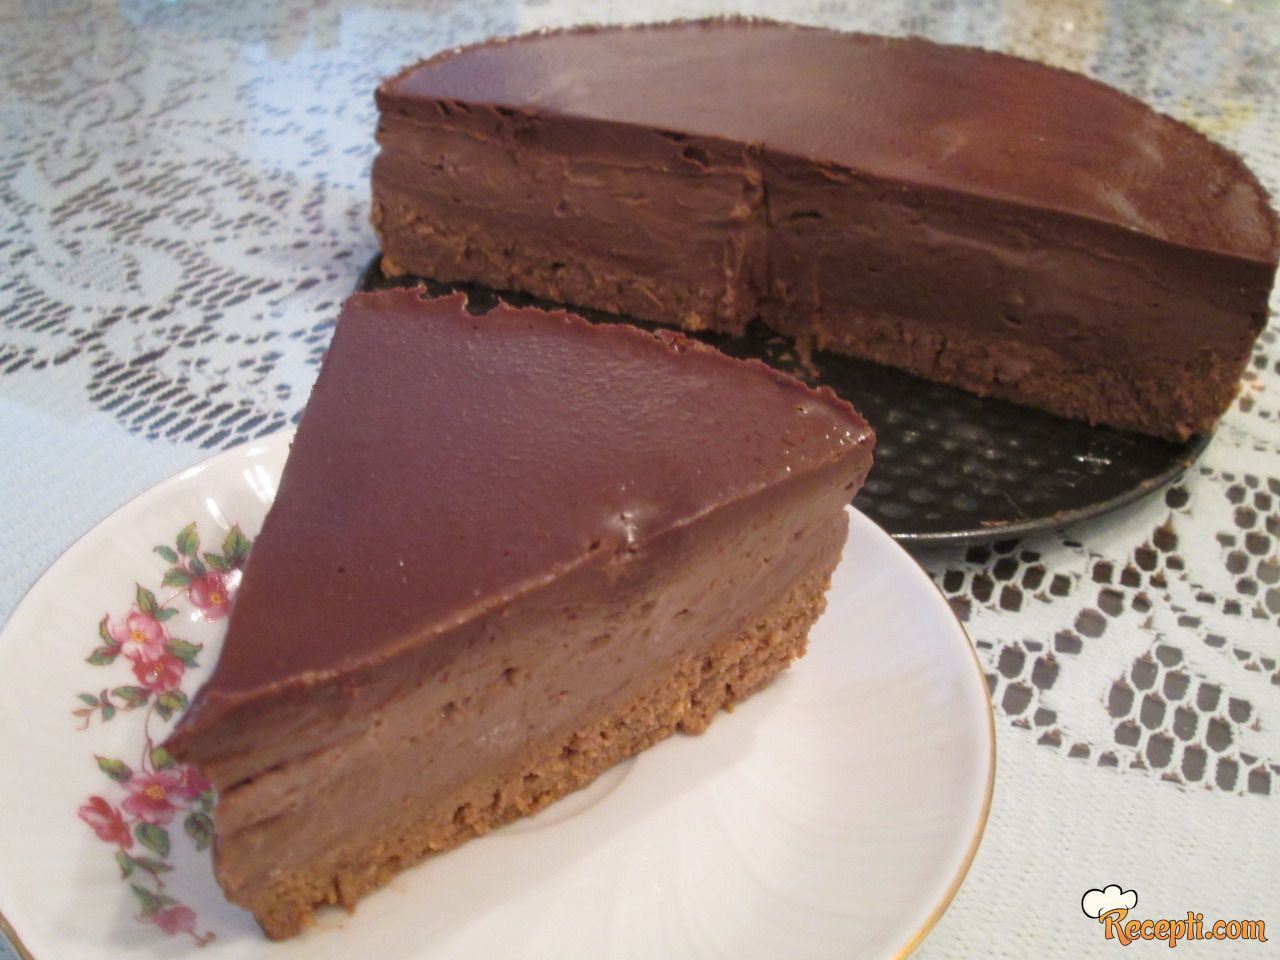 Čokoladna torta sa plazmom (2)